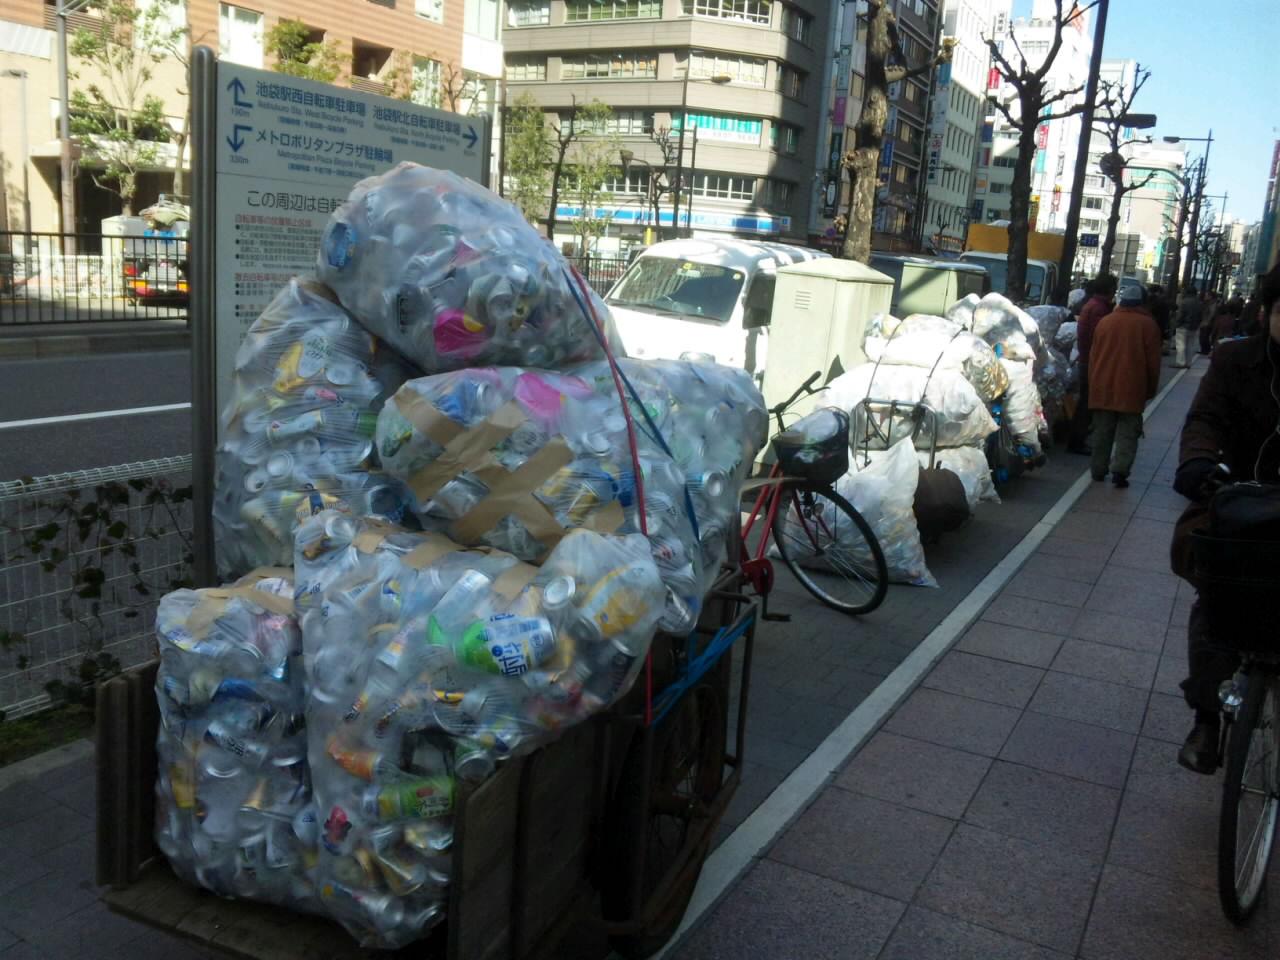 東京のホームレス達 資源節約のため行動している_d0027795_10201215.jpg